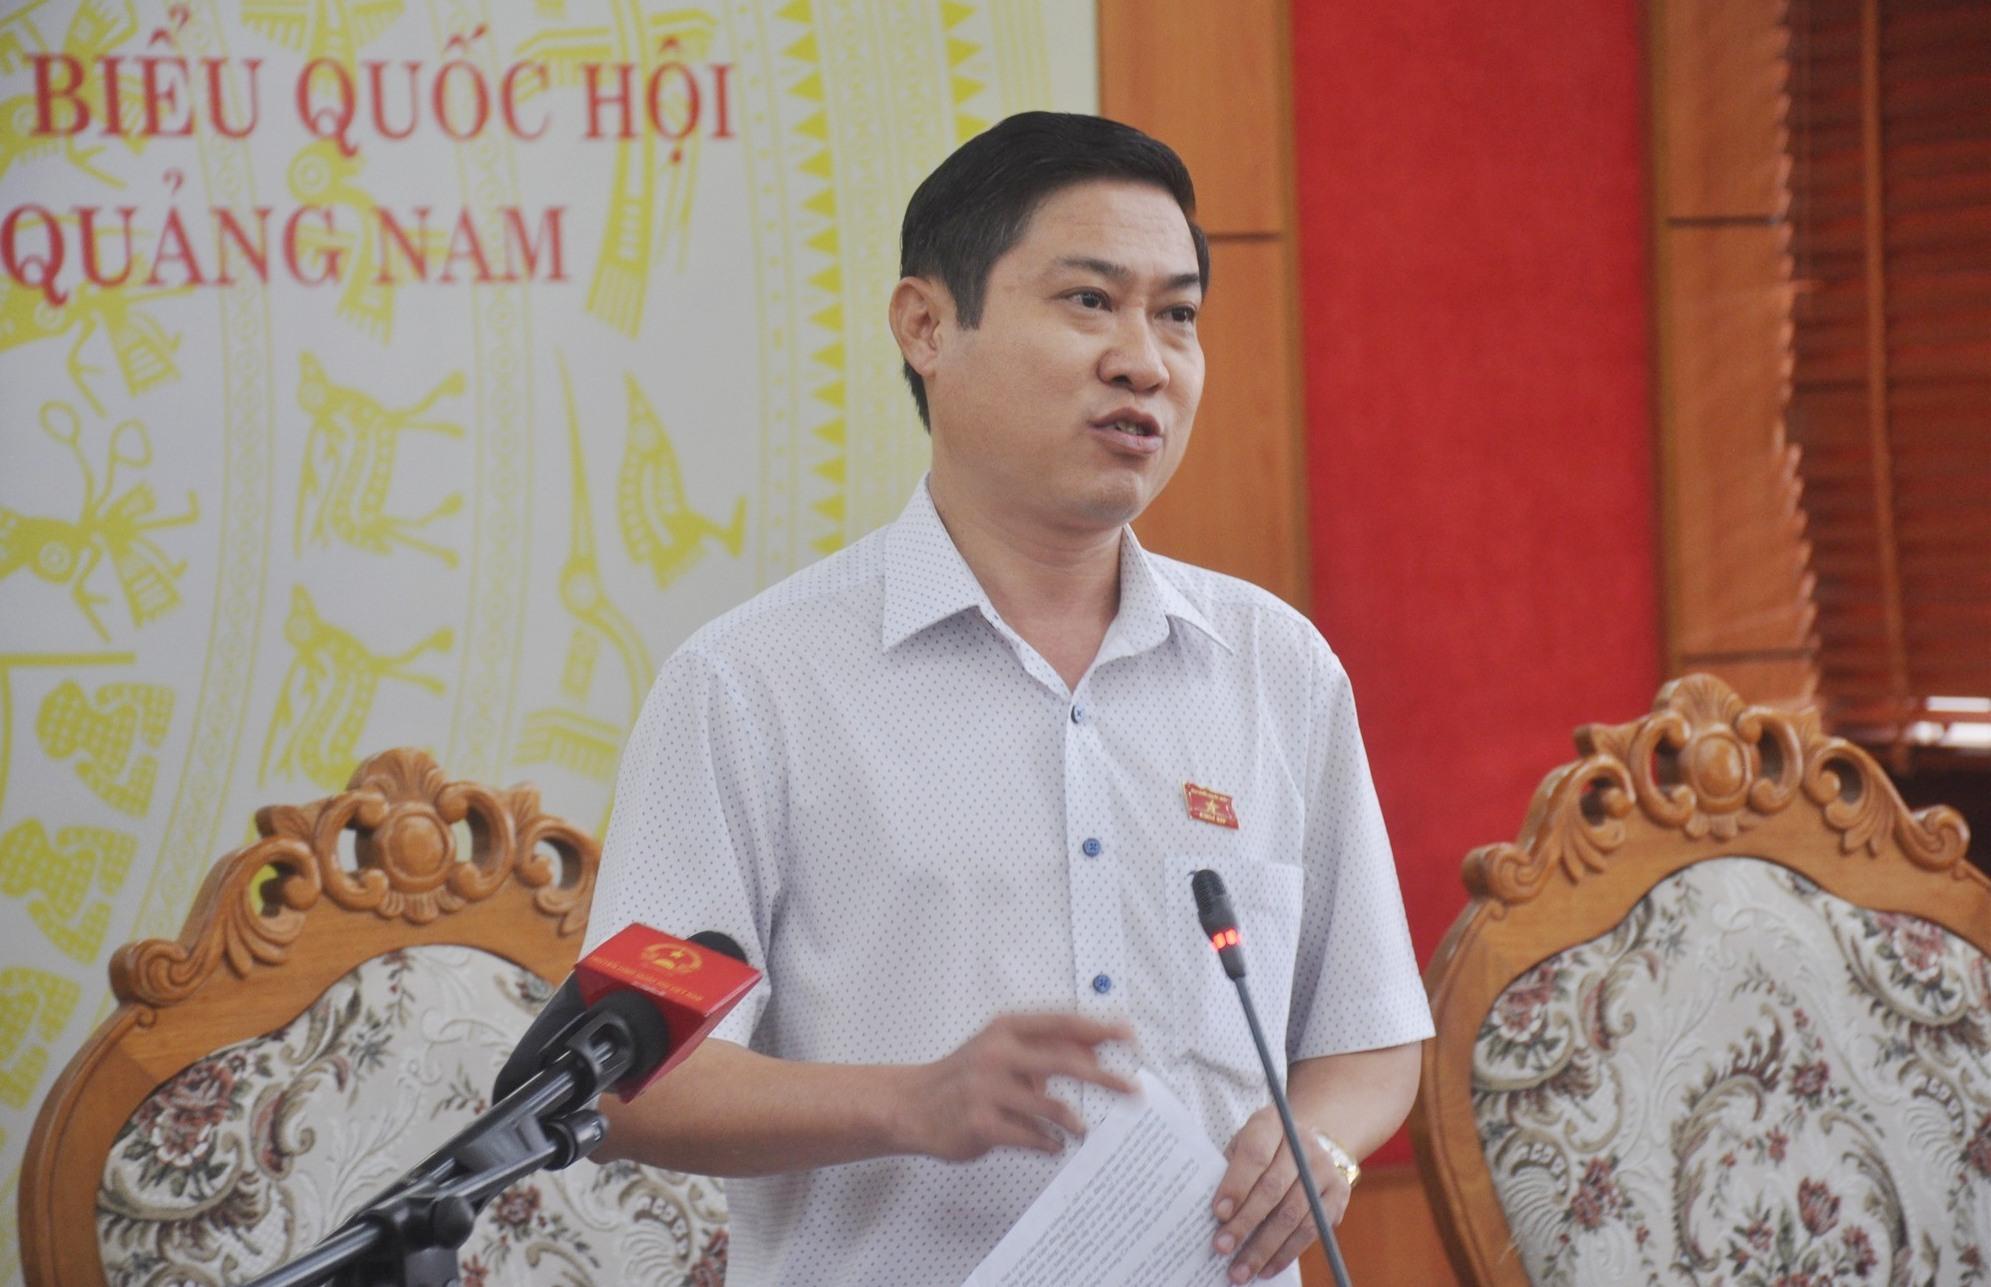 Đại biểu Phan Thái Bình - Phó Trưởng đoàn ĐBQH tỉnh phát biểu thảo luận sáng nay 21.10. Ảnh: N.Đ